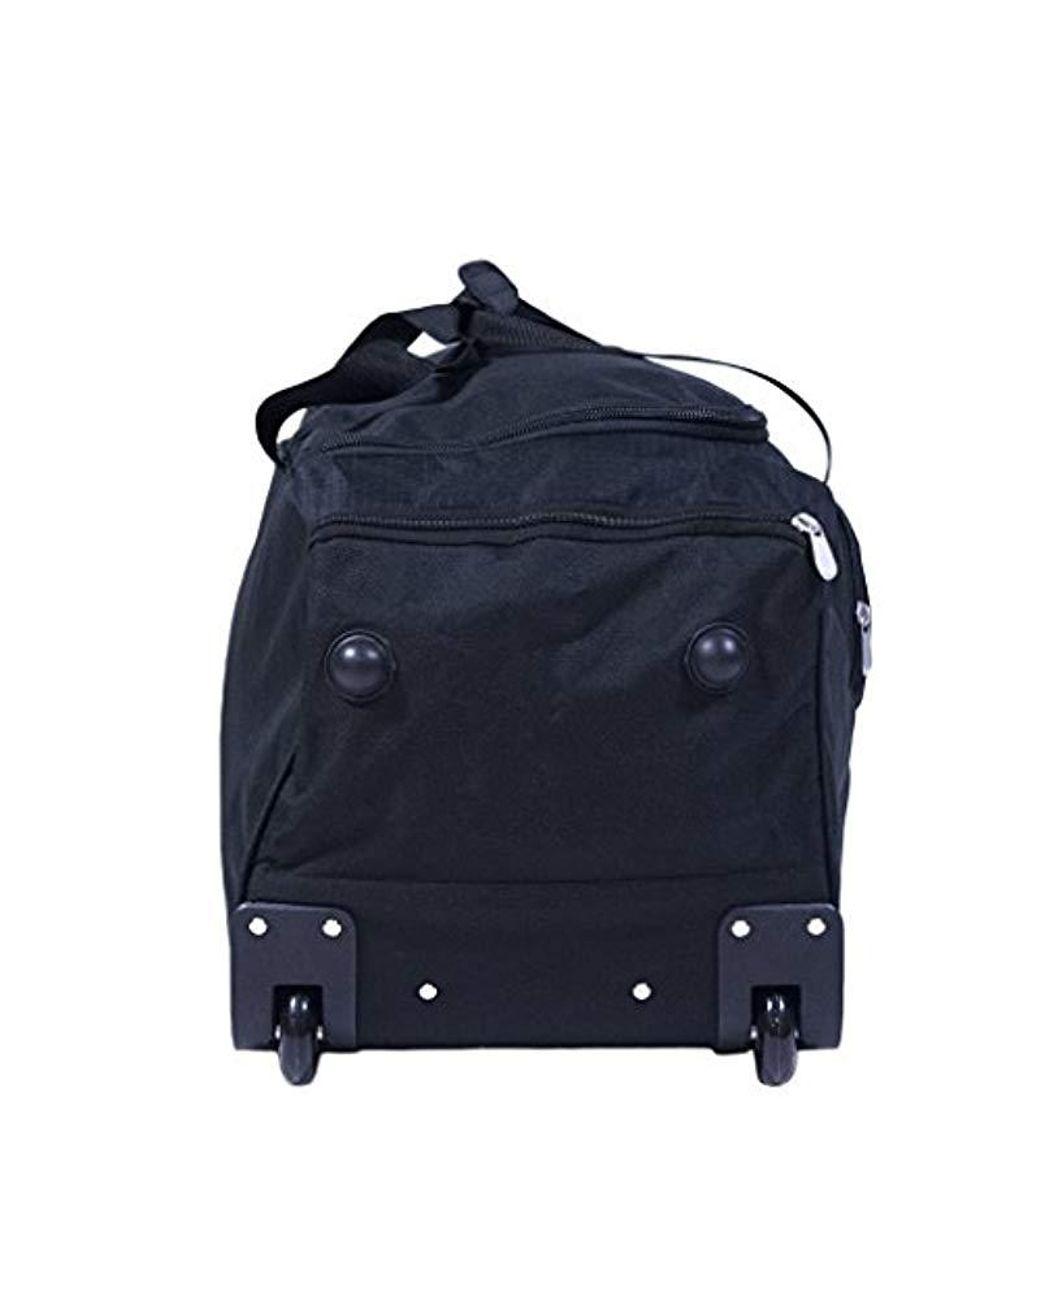 7afb560652b2 Men's Black 36in Rolling Duffel Bag Duffel Bag